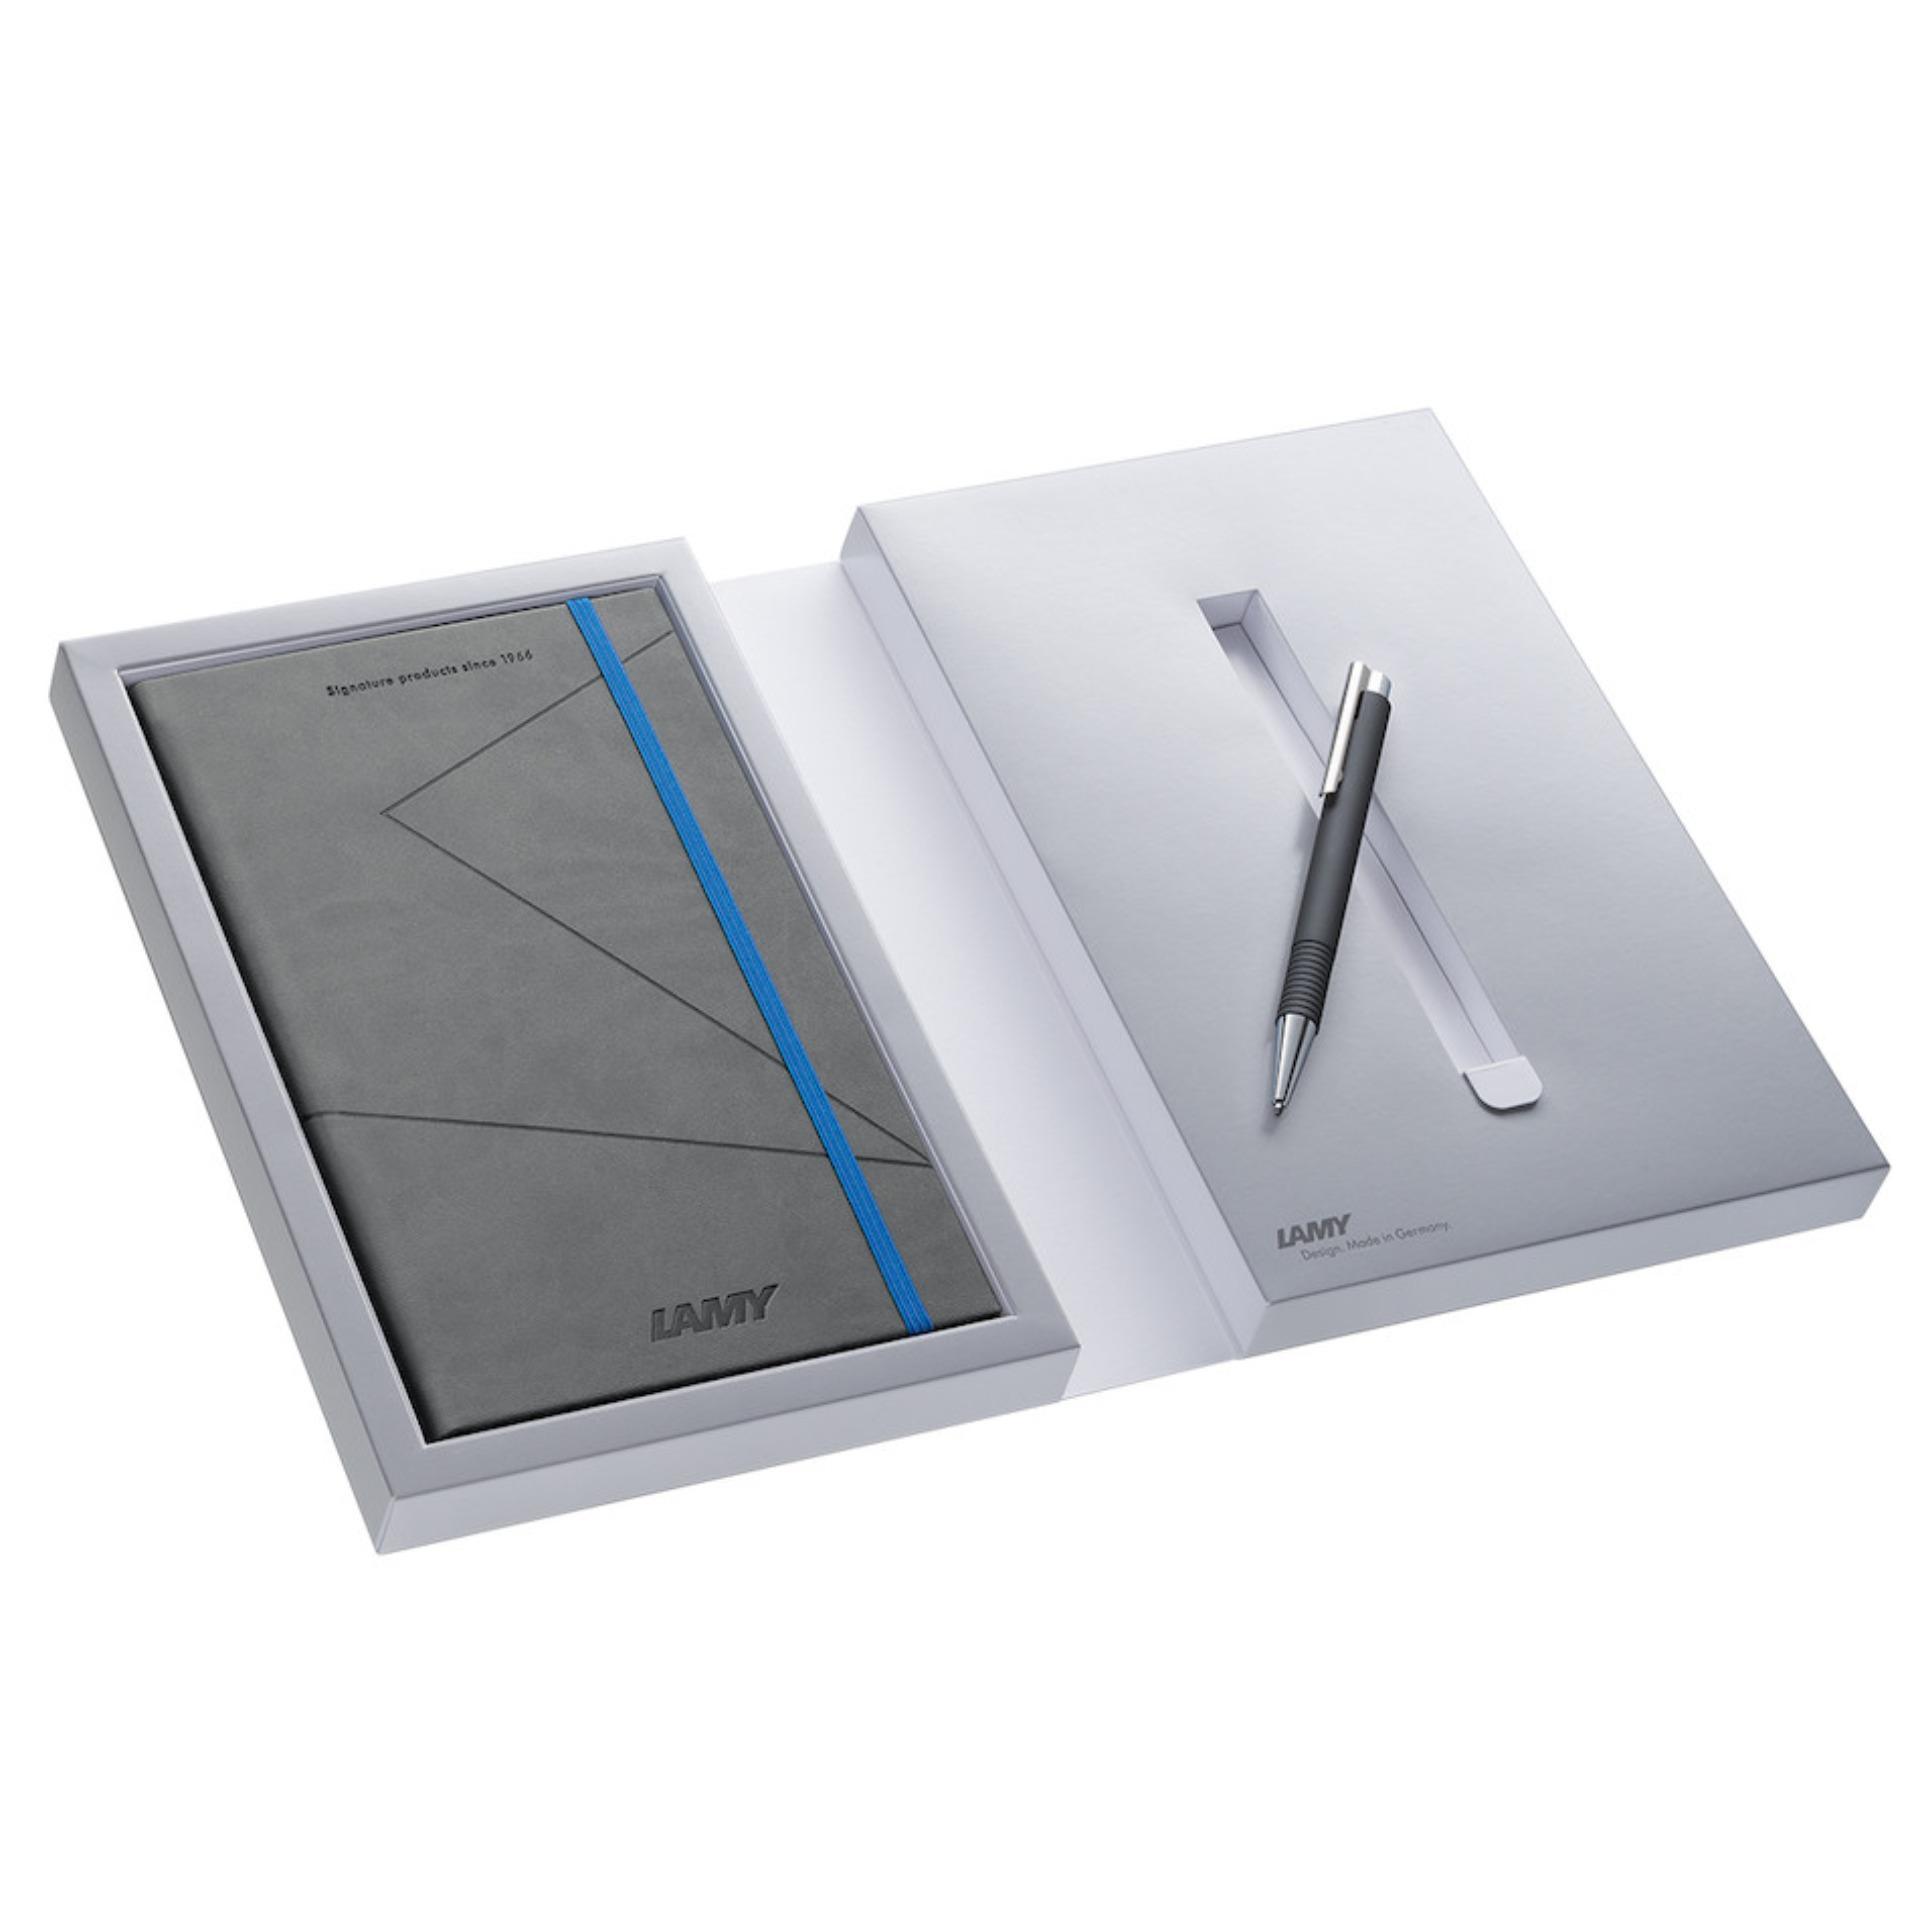 Bộ quà tặng cao cấp LAMY Sổ tay + Bút bi (Phiên bản giới hạn) - Hãng phân phối chính thức